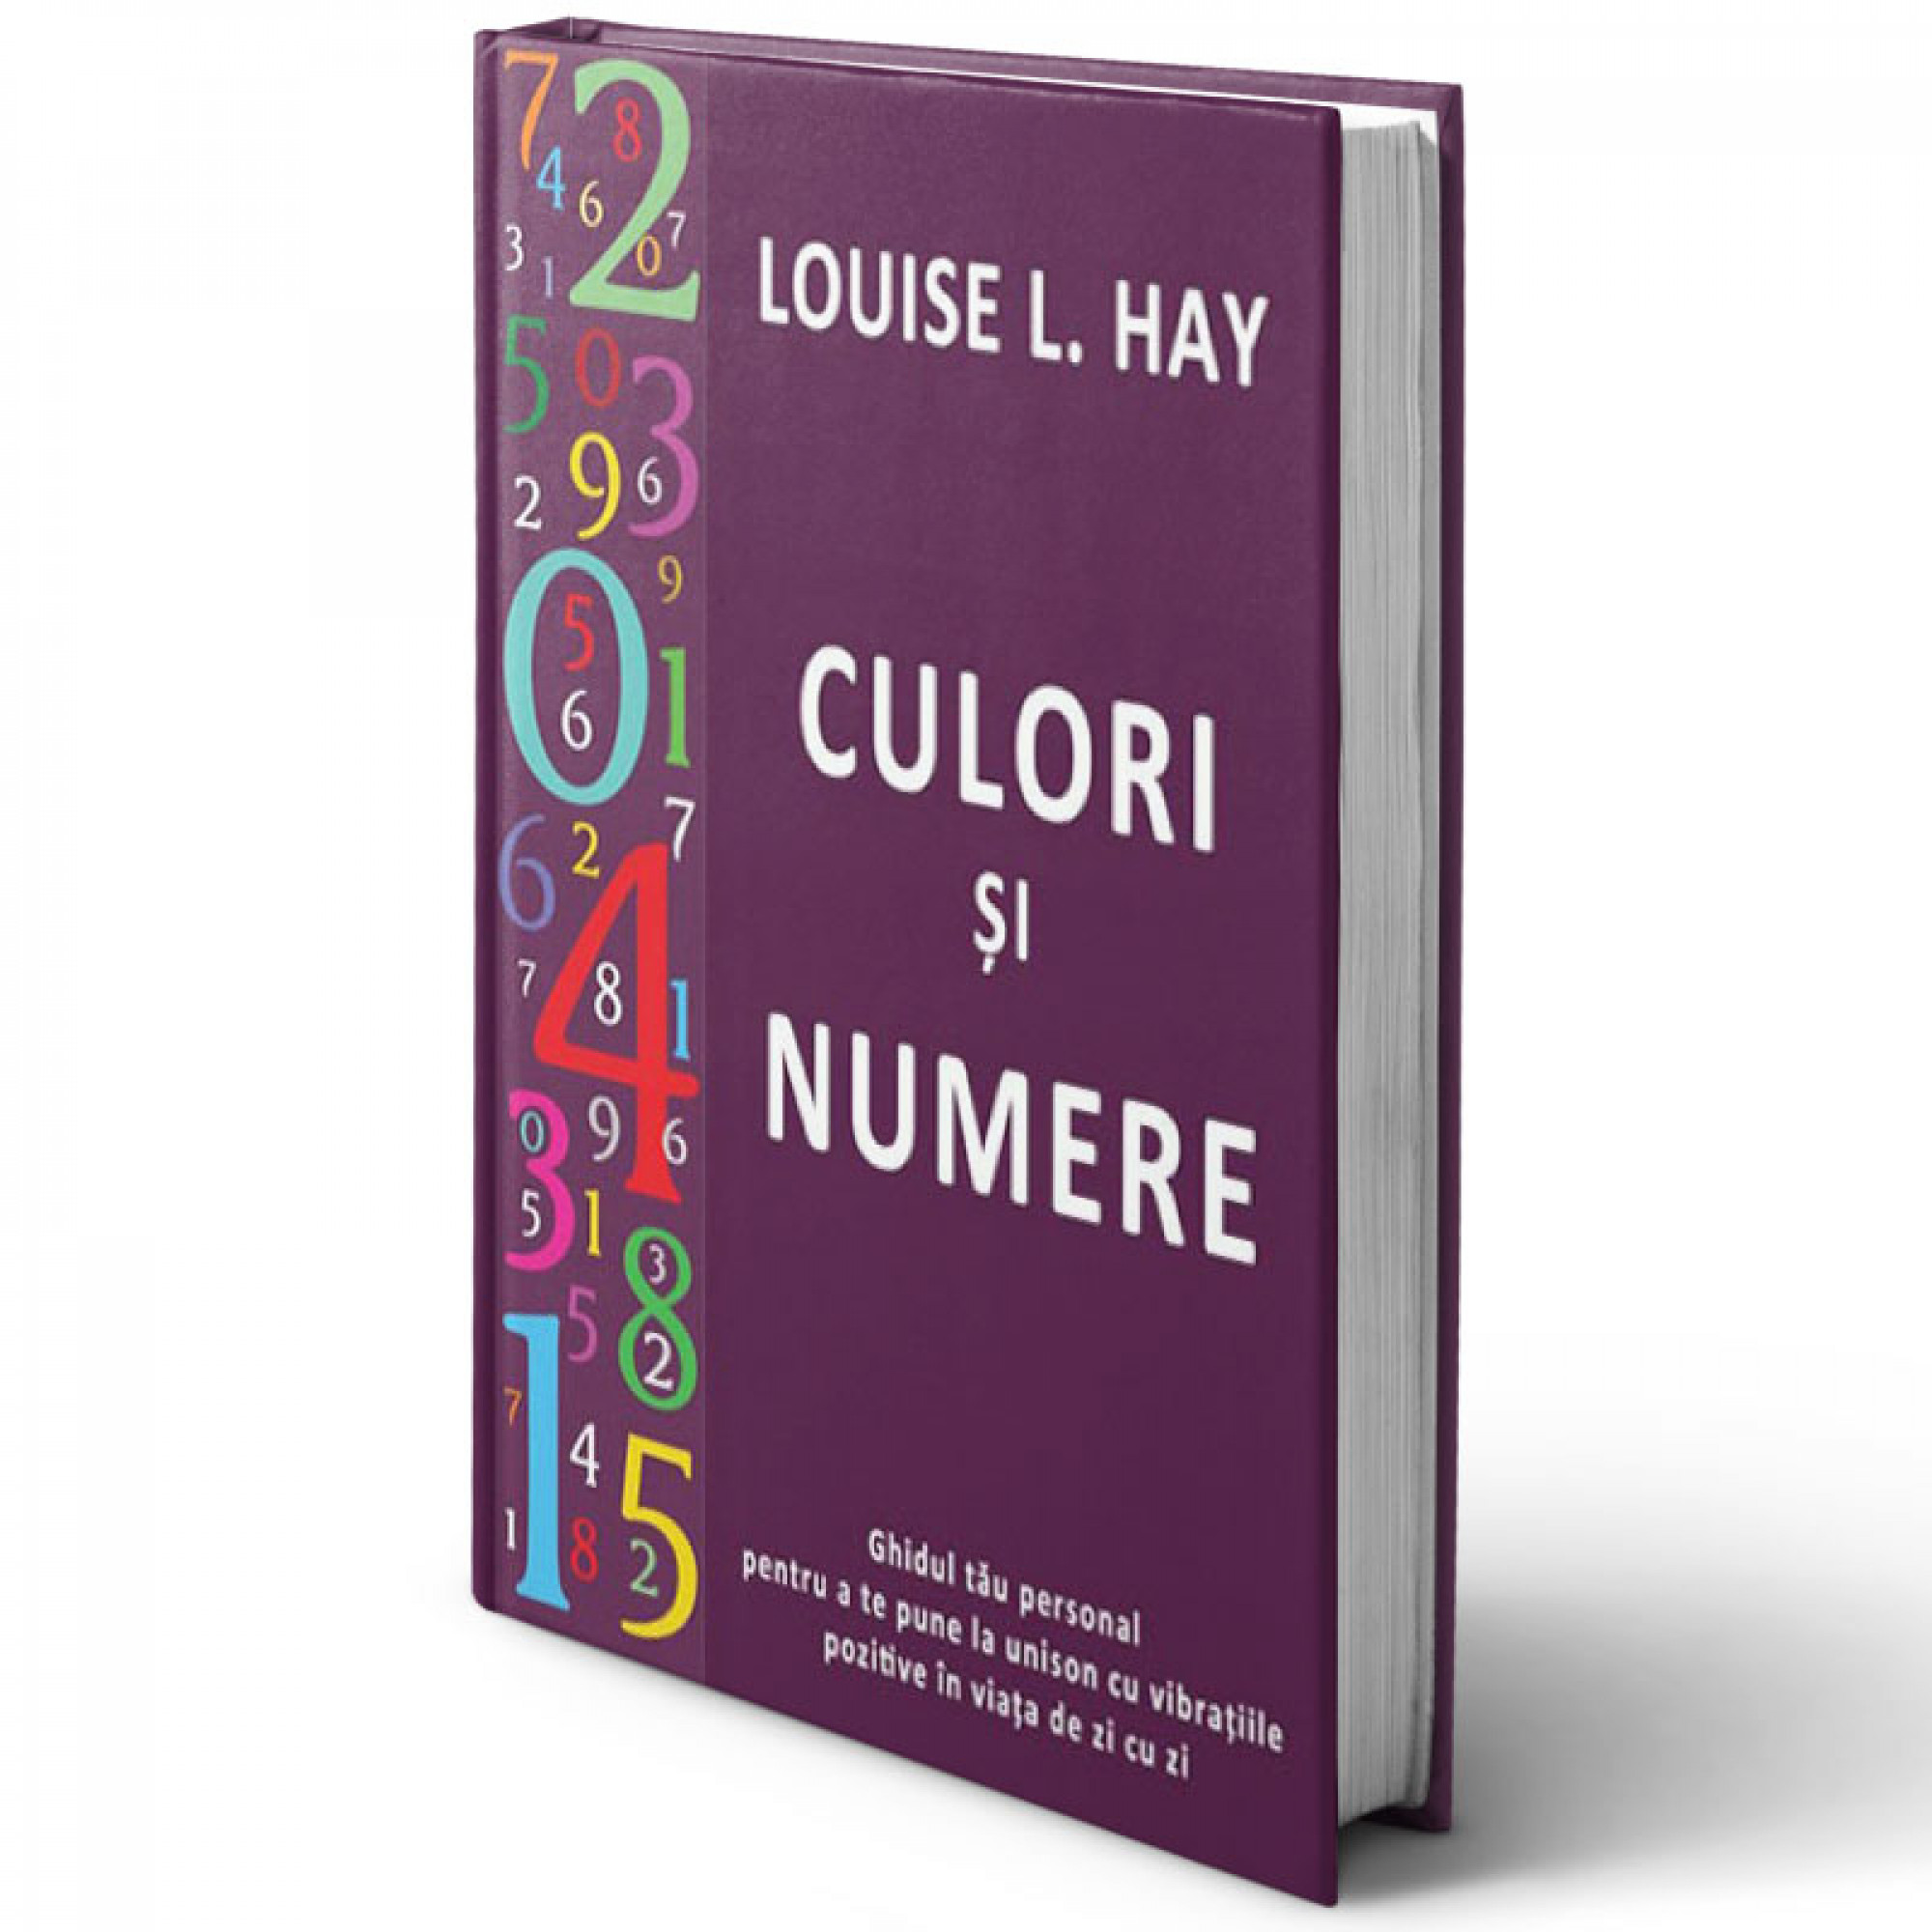 Culori şi numere. Ghidul tău personal pentru a te pune la unison cu vibraţiile pozitive în viaţa de zi cu zi; Louise Hay